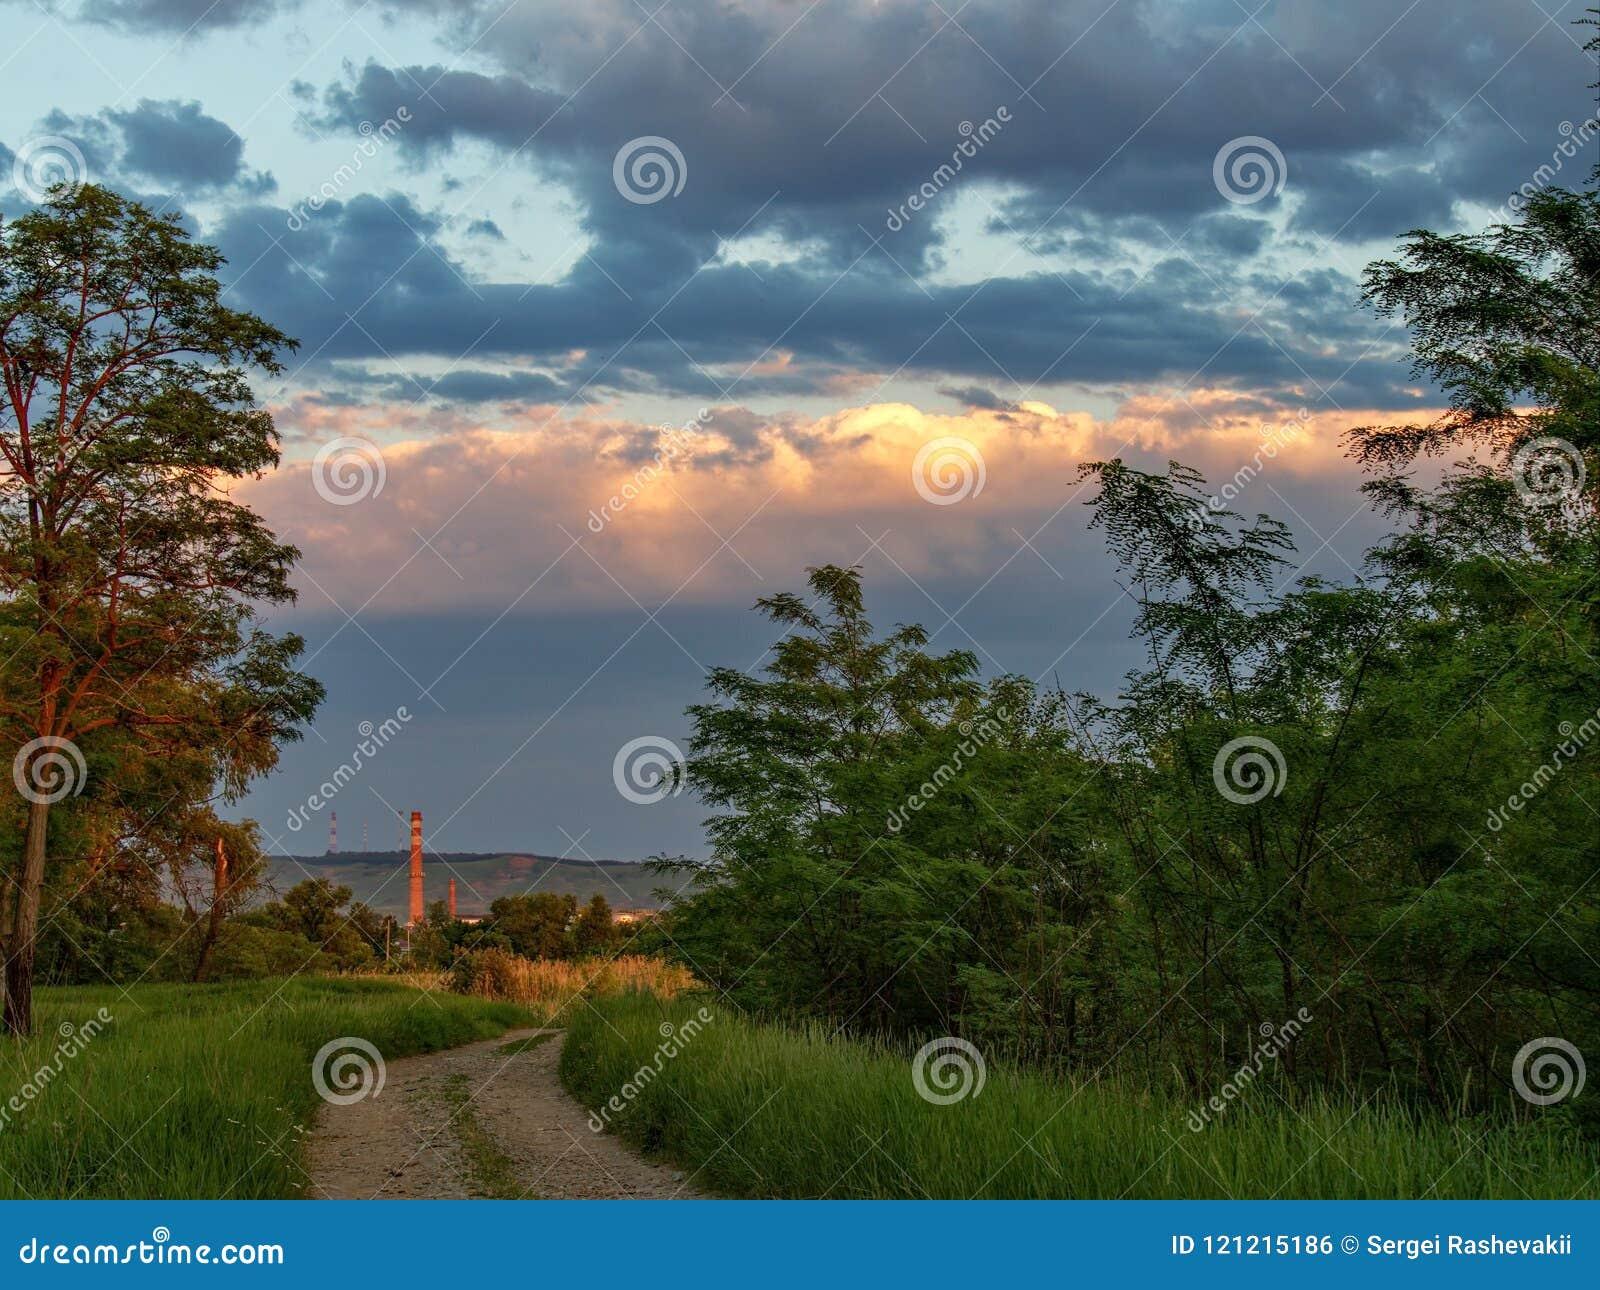 Landscape Nature Clouds Sky Vegetation Trees Evening Sunset